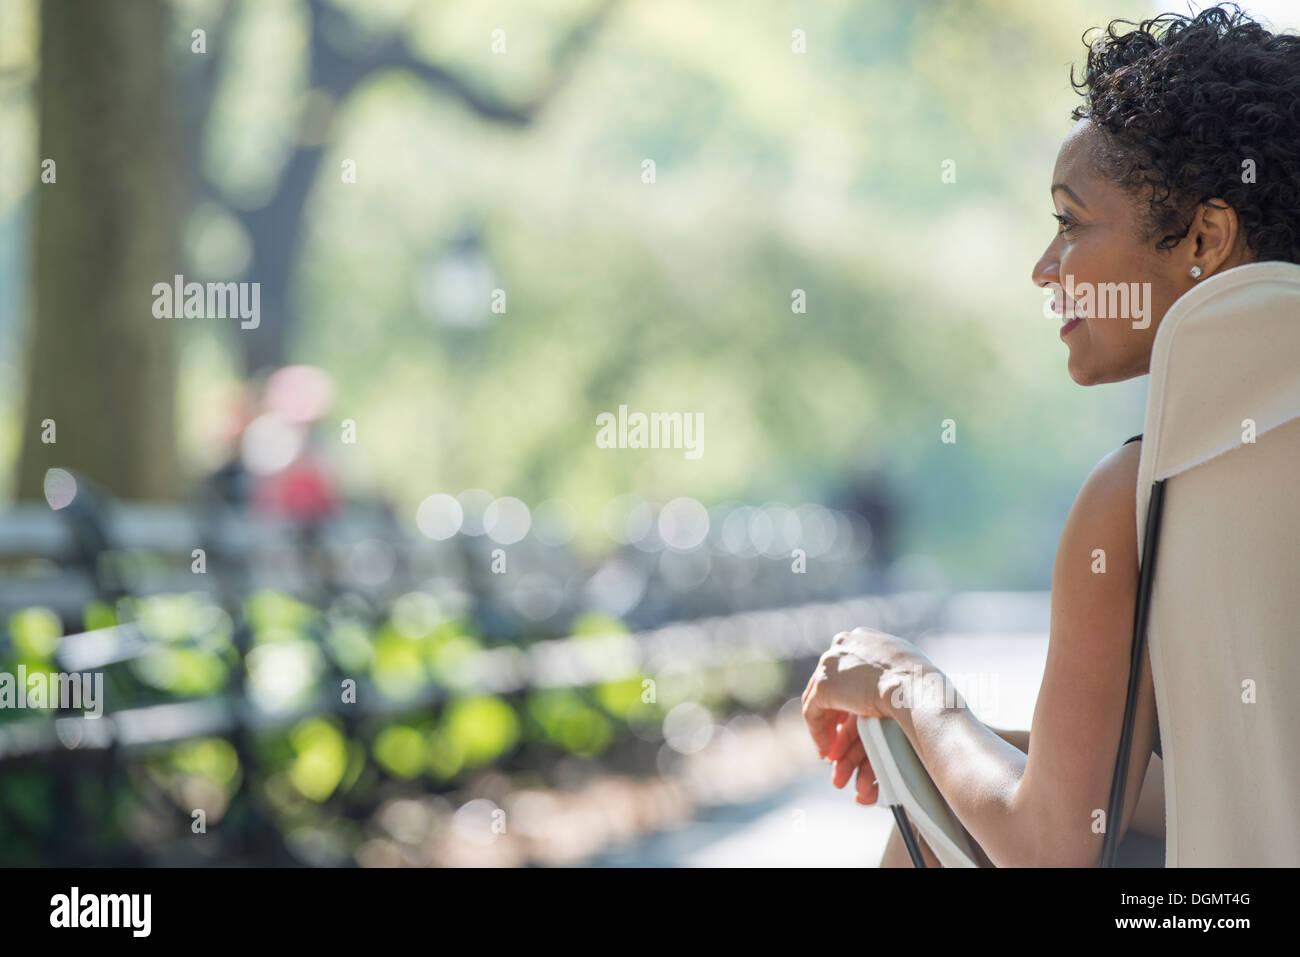 Leben in der Stadt. Eine Frau sitzt auf einem camping Stuhl in einem Stadtpark. Stockbild